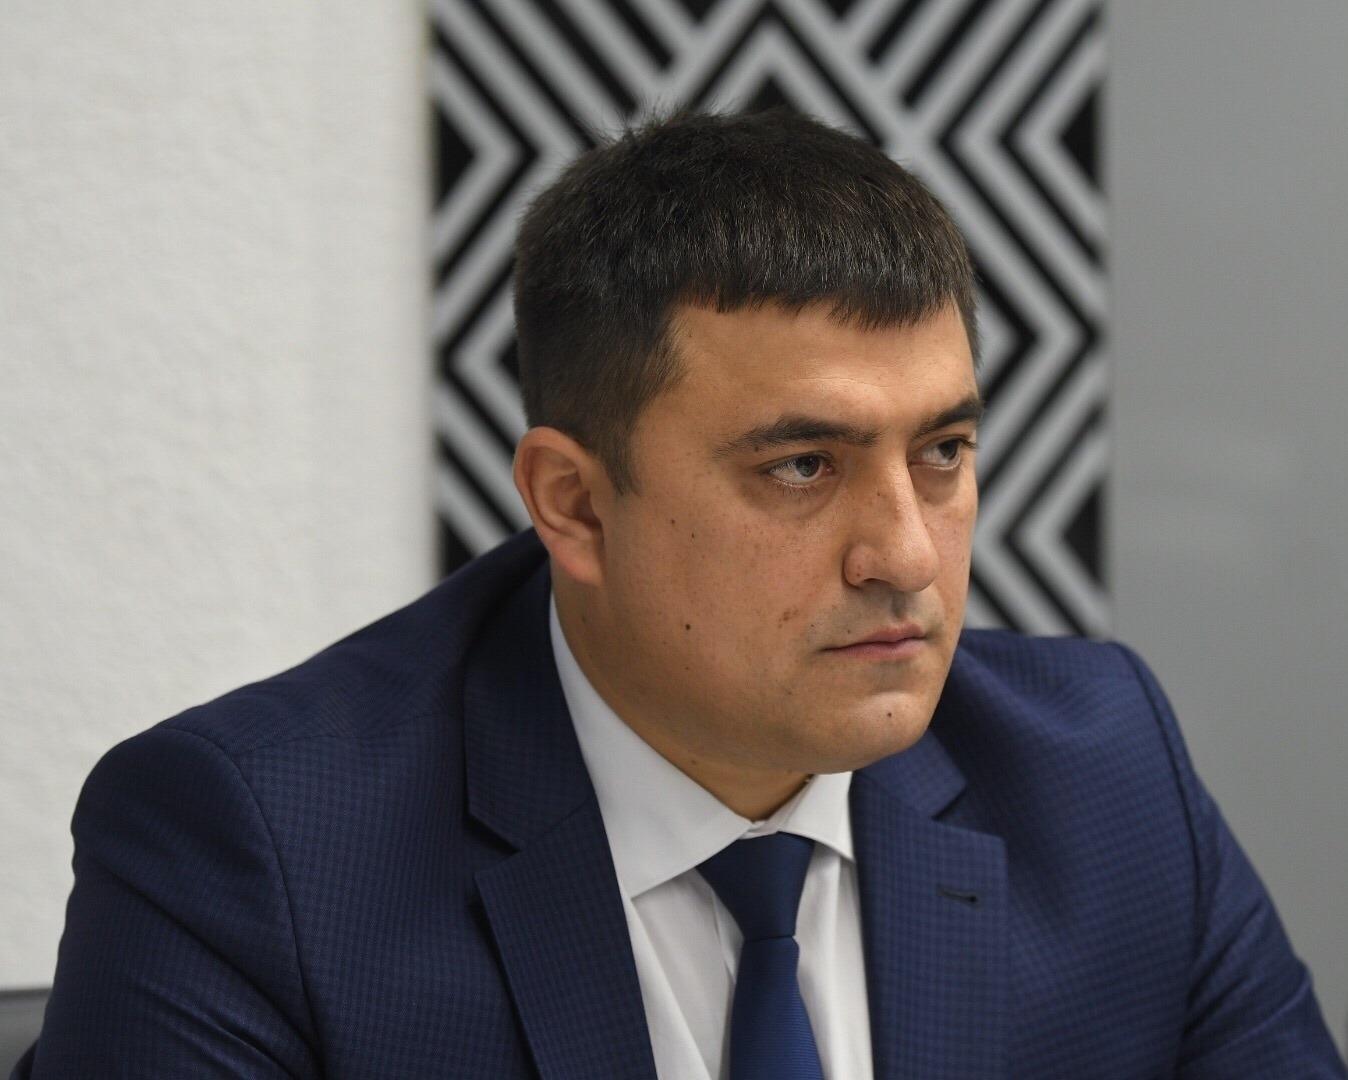 Уряд пропонує кардинально скоротити видатки для місцевих бюджетів, – Юрій Стефанчук